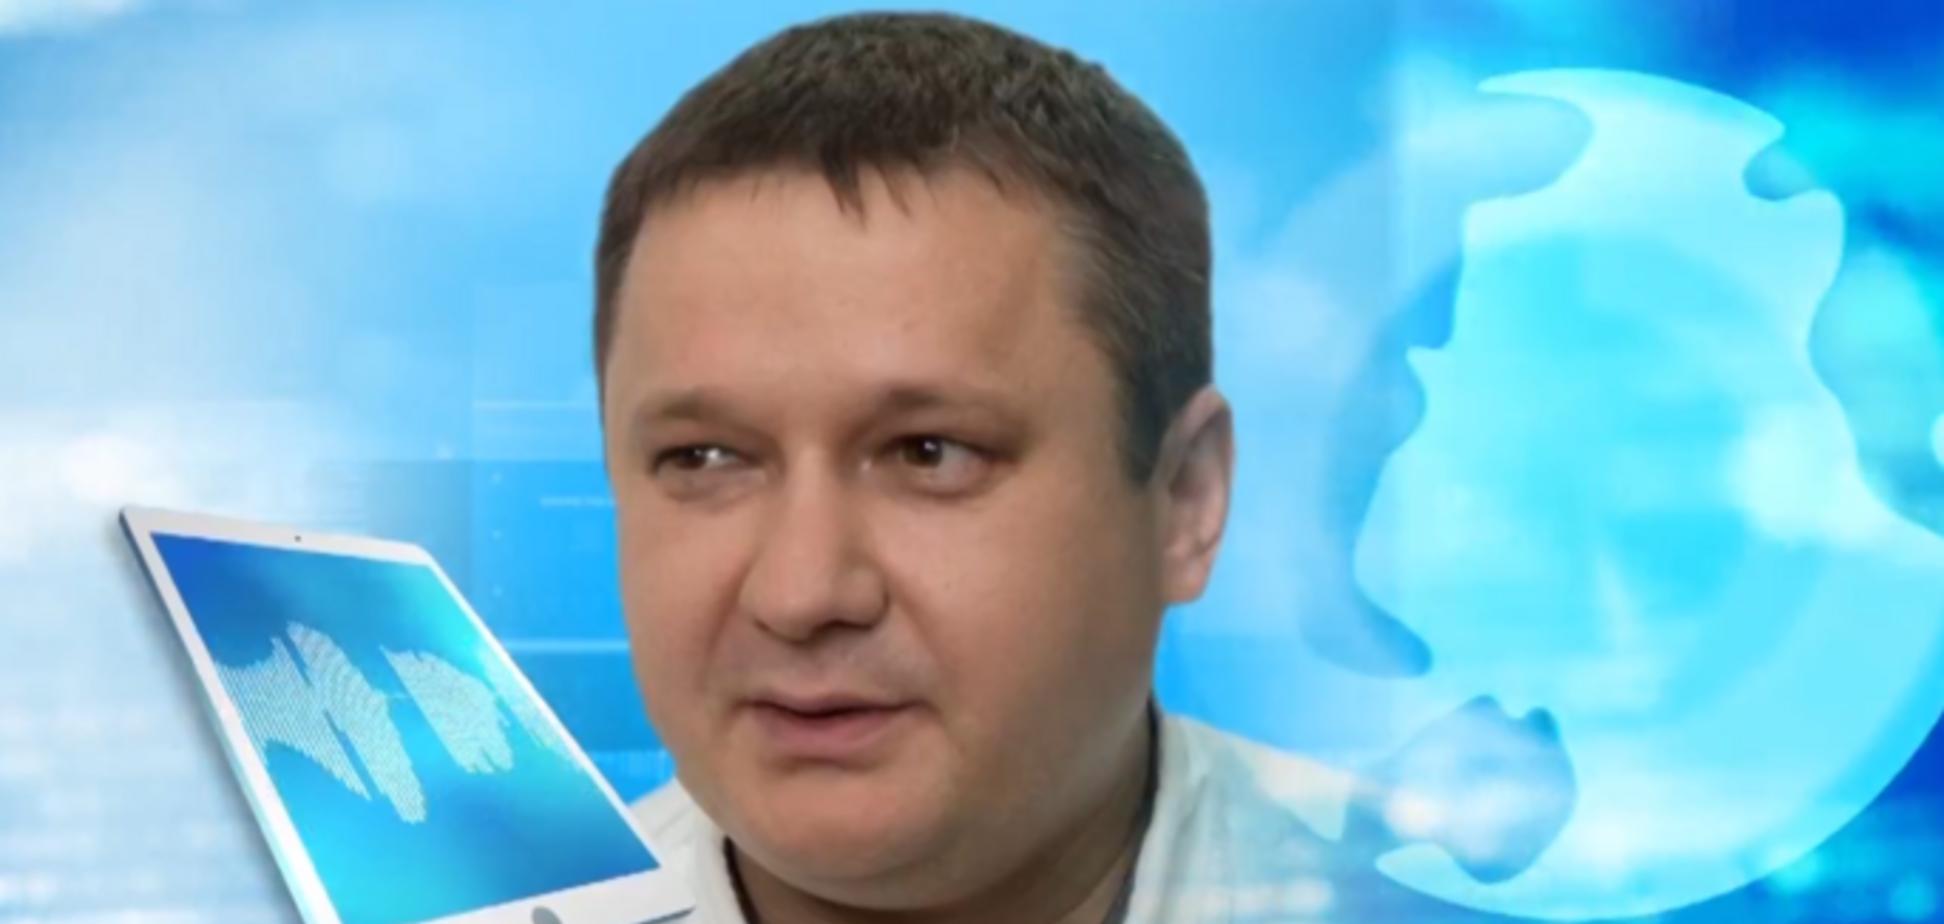 Сомнительное решение: в Комитете избирателей считают, что оснований для роспуска Рады нет